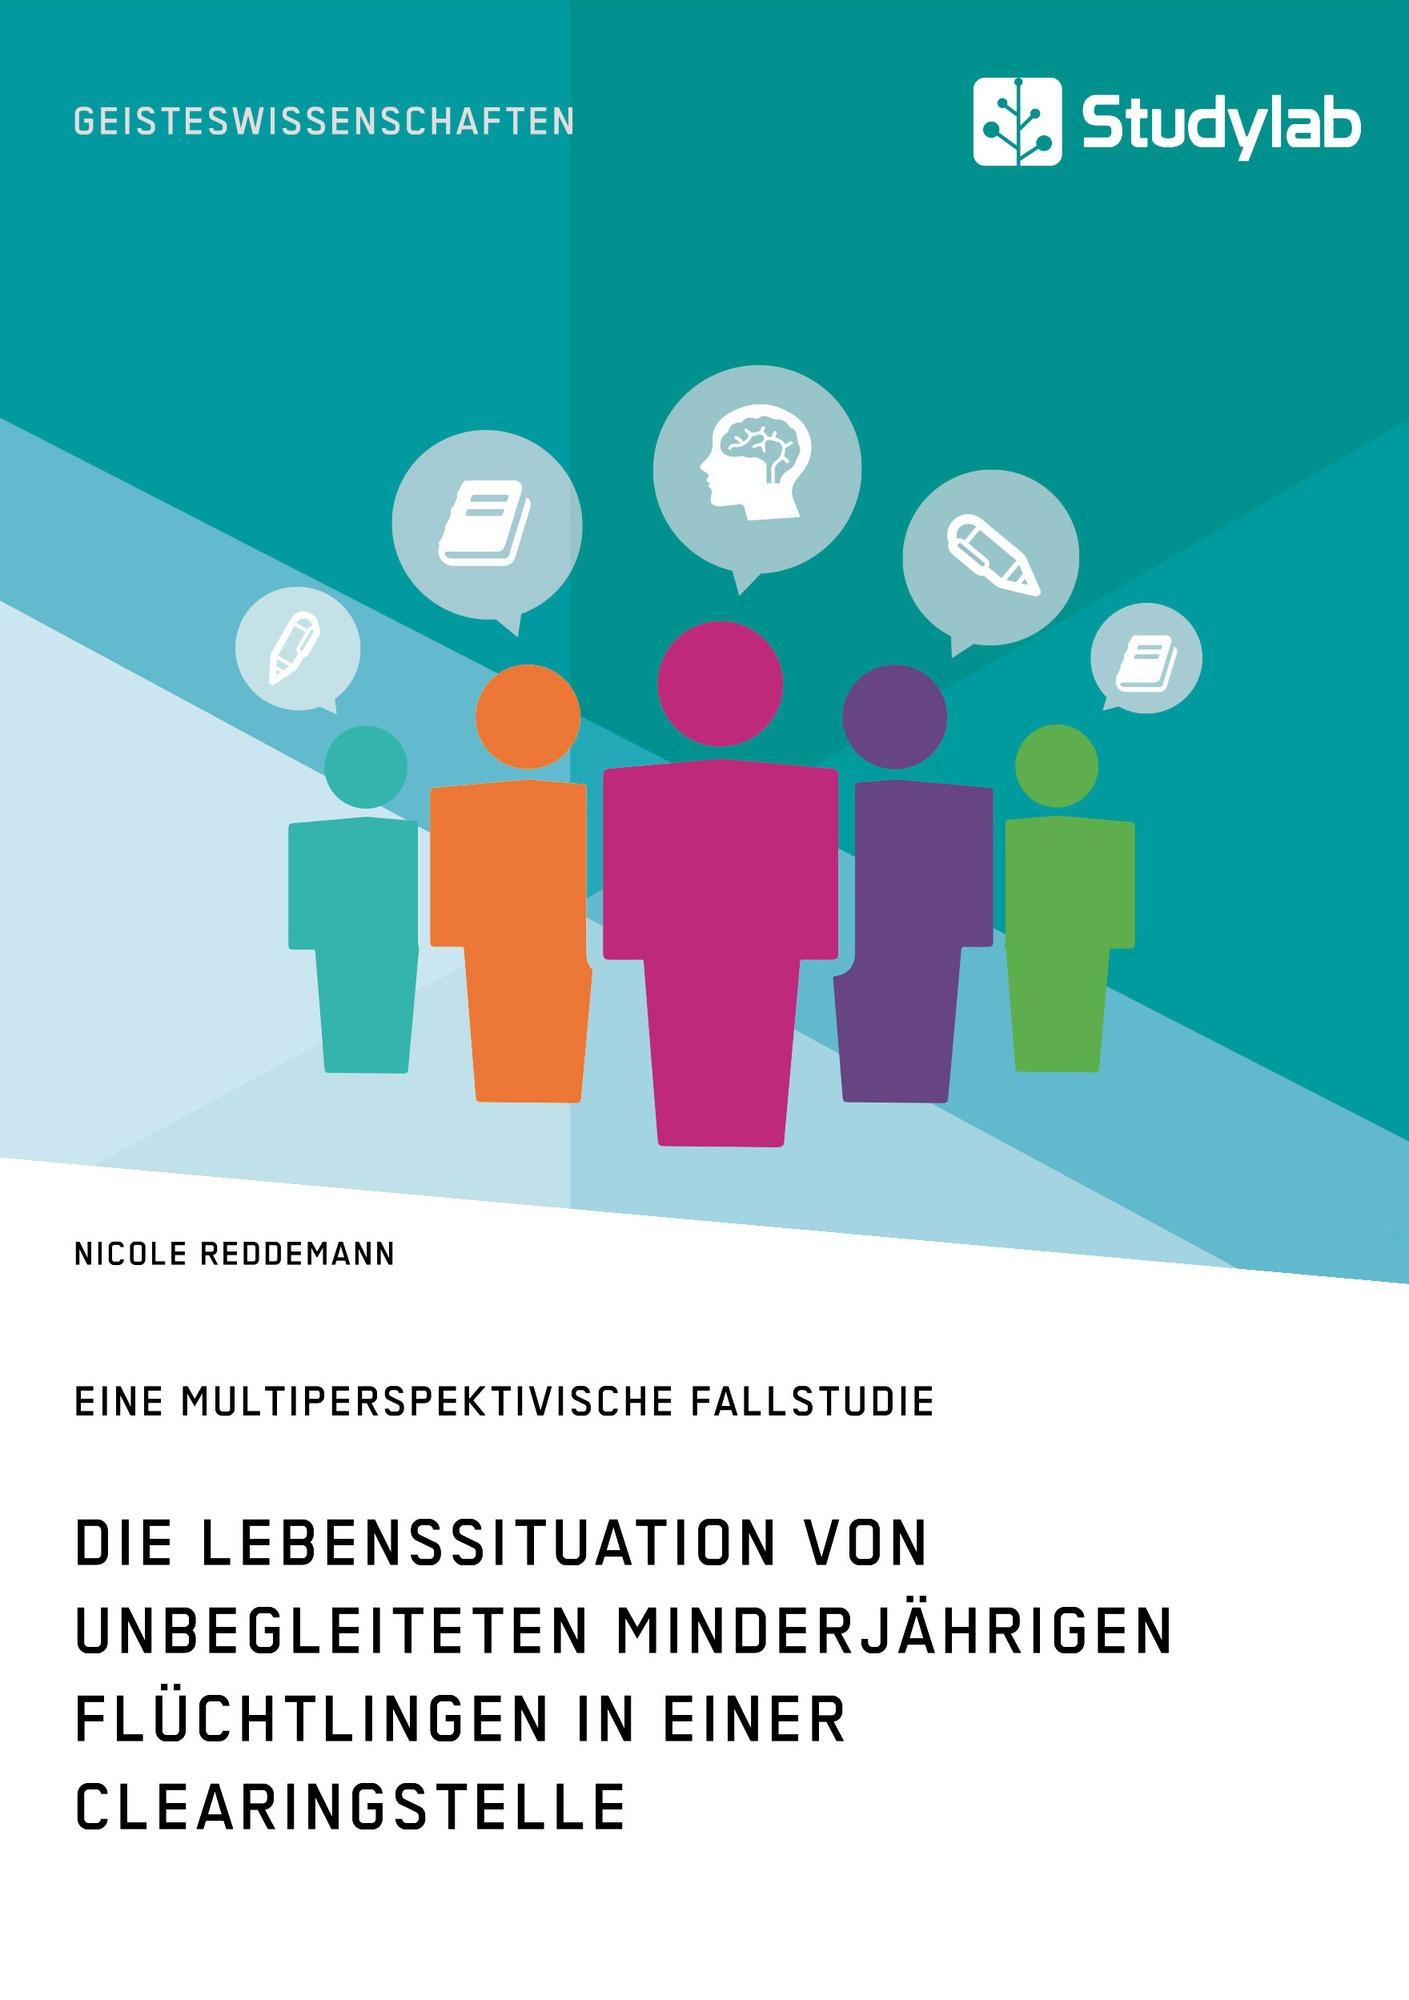 Titel: Die Lebenssituation von unbegleiteten minderjährigen Flüchtlingen in einer Clearingstelle